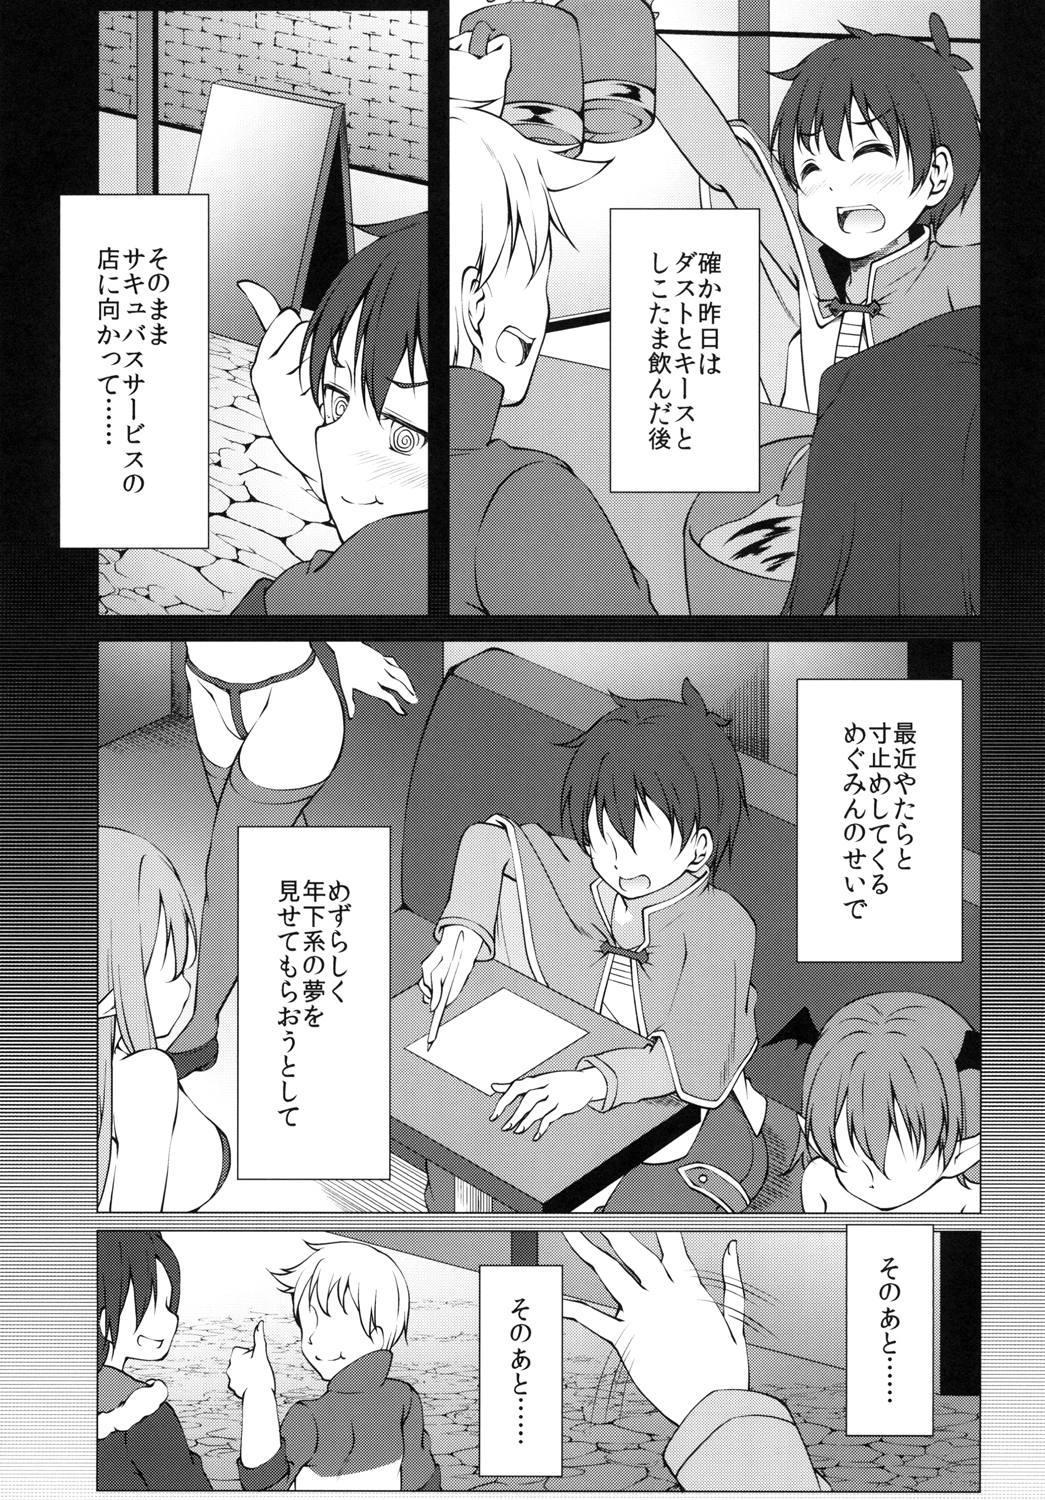 (SC2018 Spring) [Idobata Kaigisho (Fried)] Kono Subarashii Oujo-sama wa Onii-sama ga Daisuki!! (Kono Subarashii Sekai ni Syukufuku o!) 6